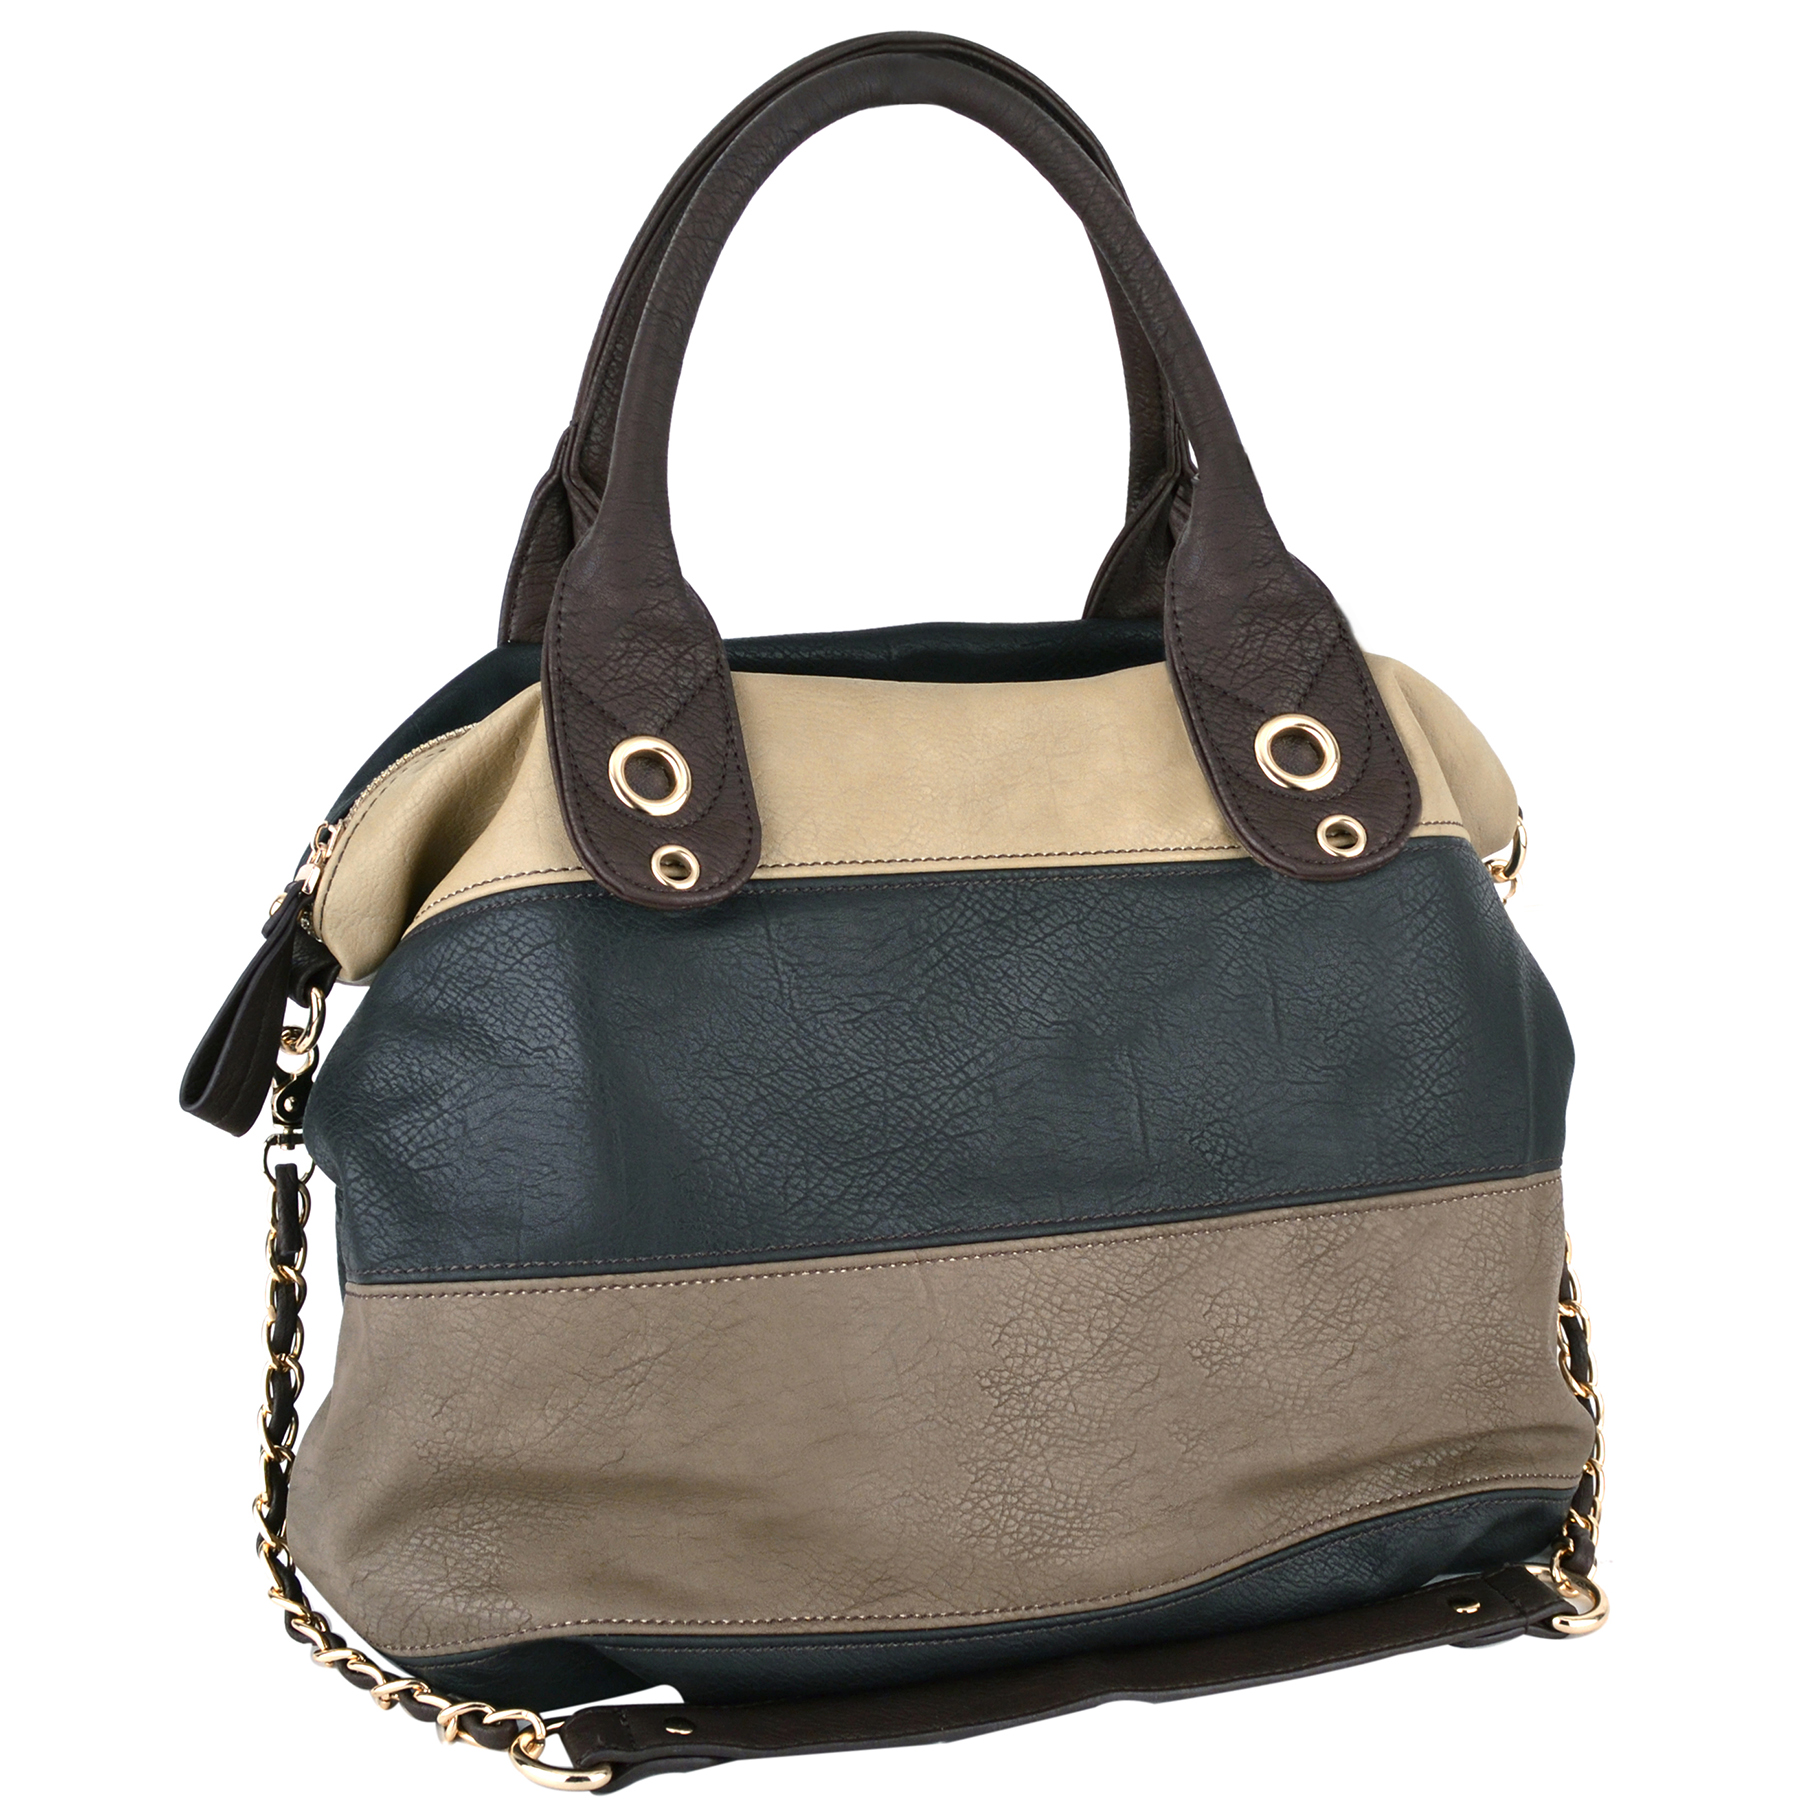 MAYA Black Large Shopper Hobo Handbag Main